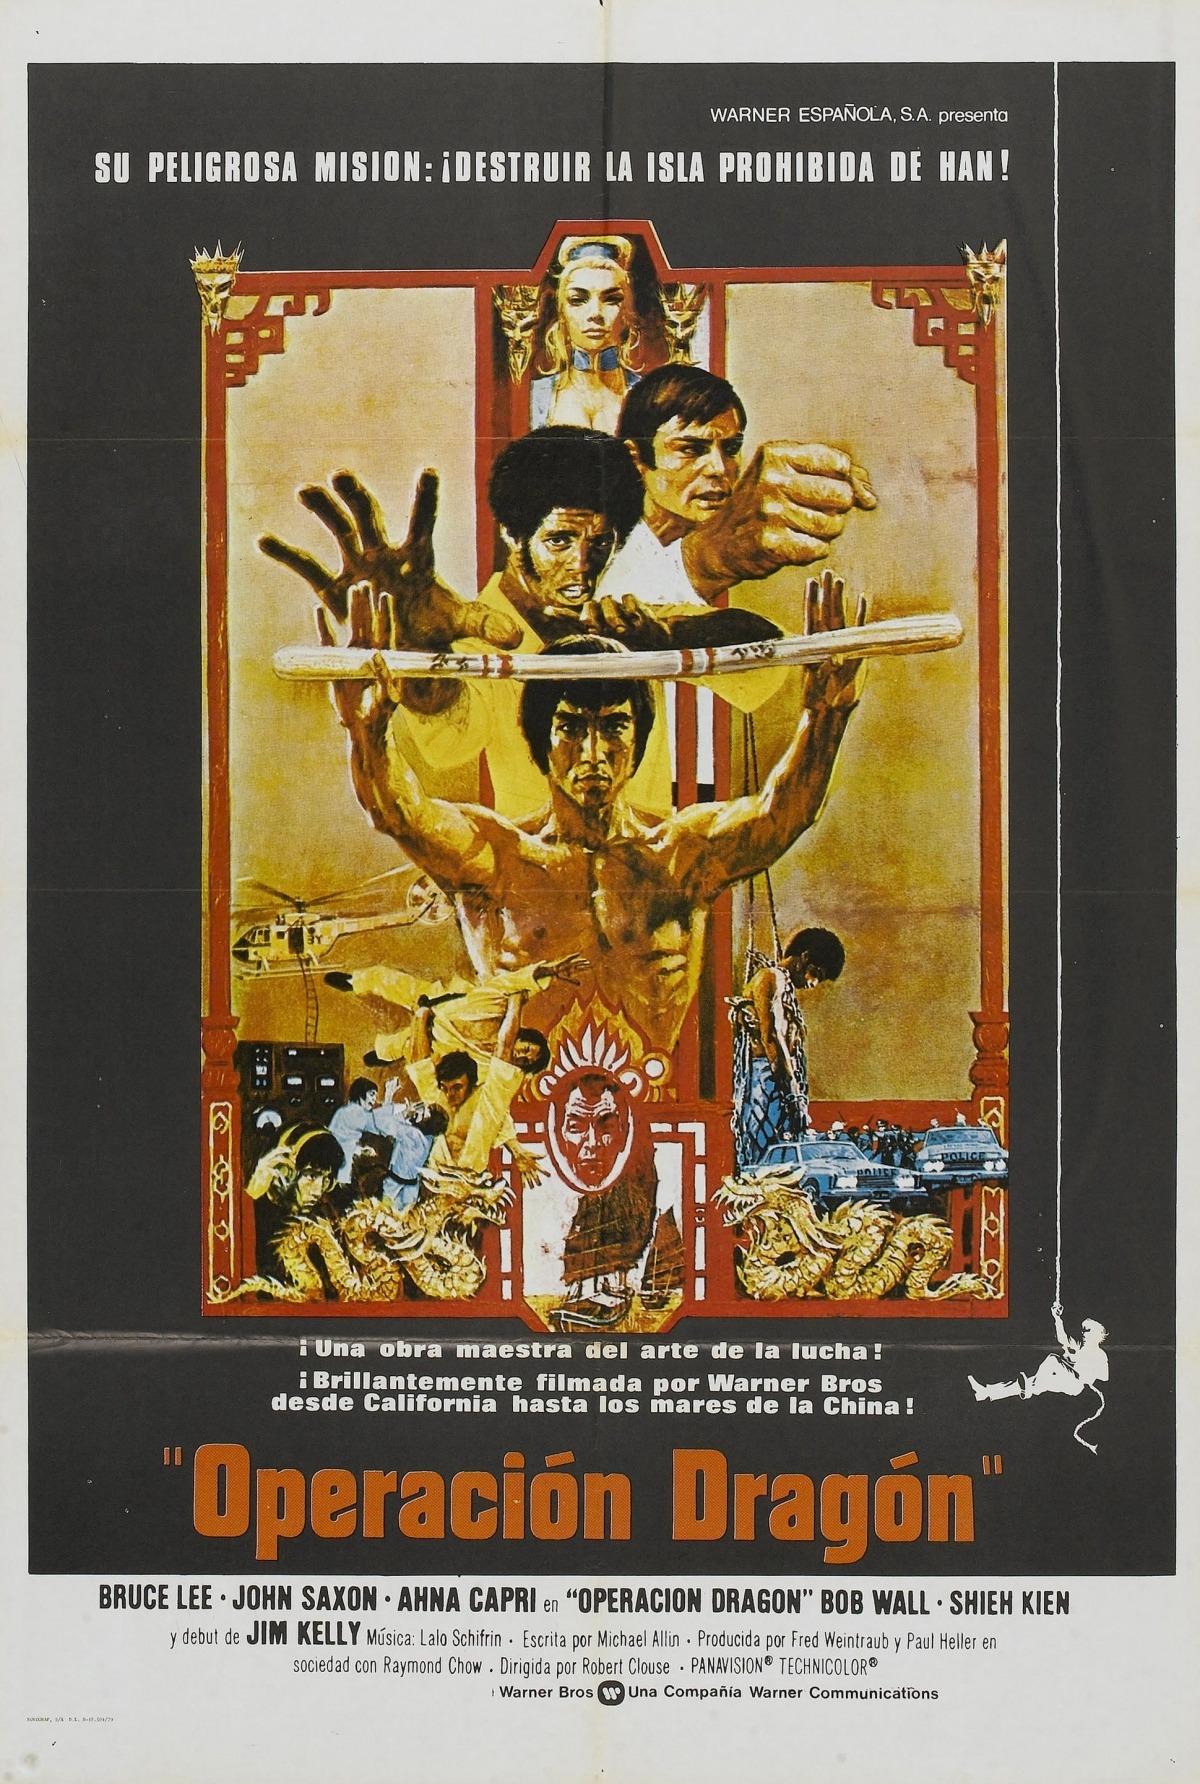 La pel·lícula pòstuma de Bruce Lee, en pantalla gran: segur que mai no l'hi havia vist.